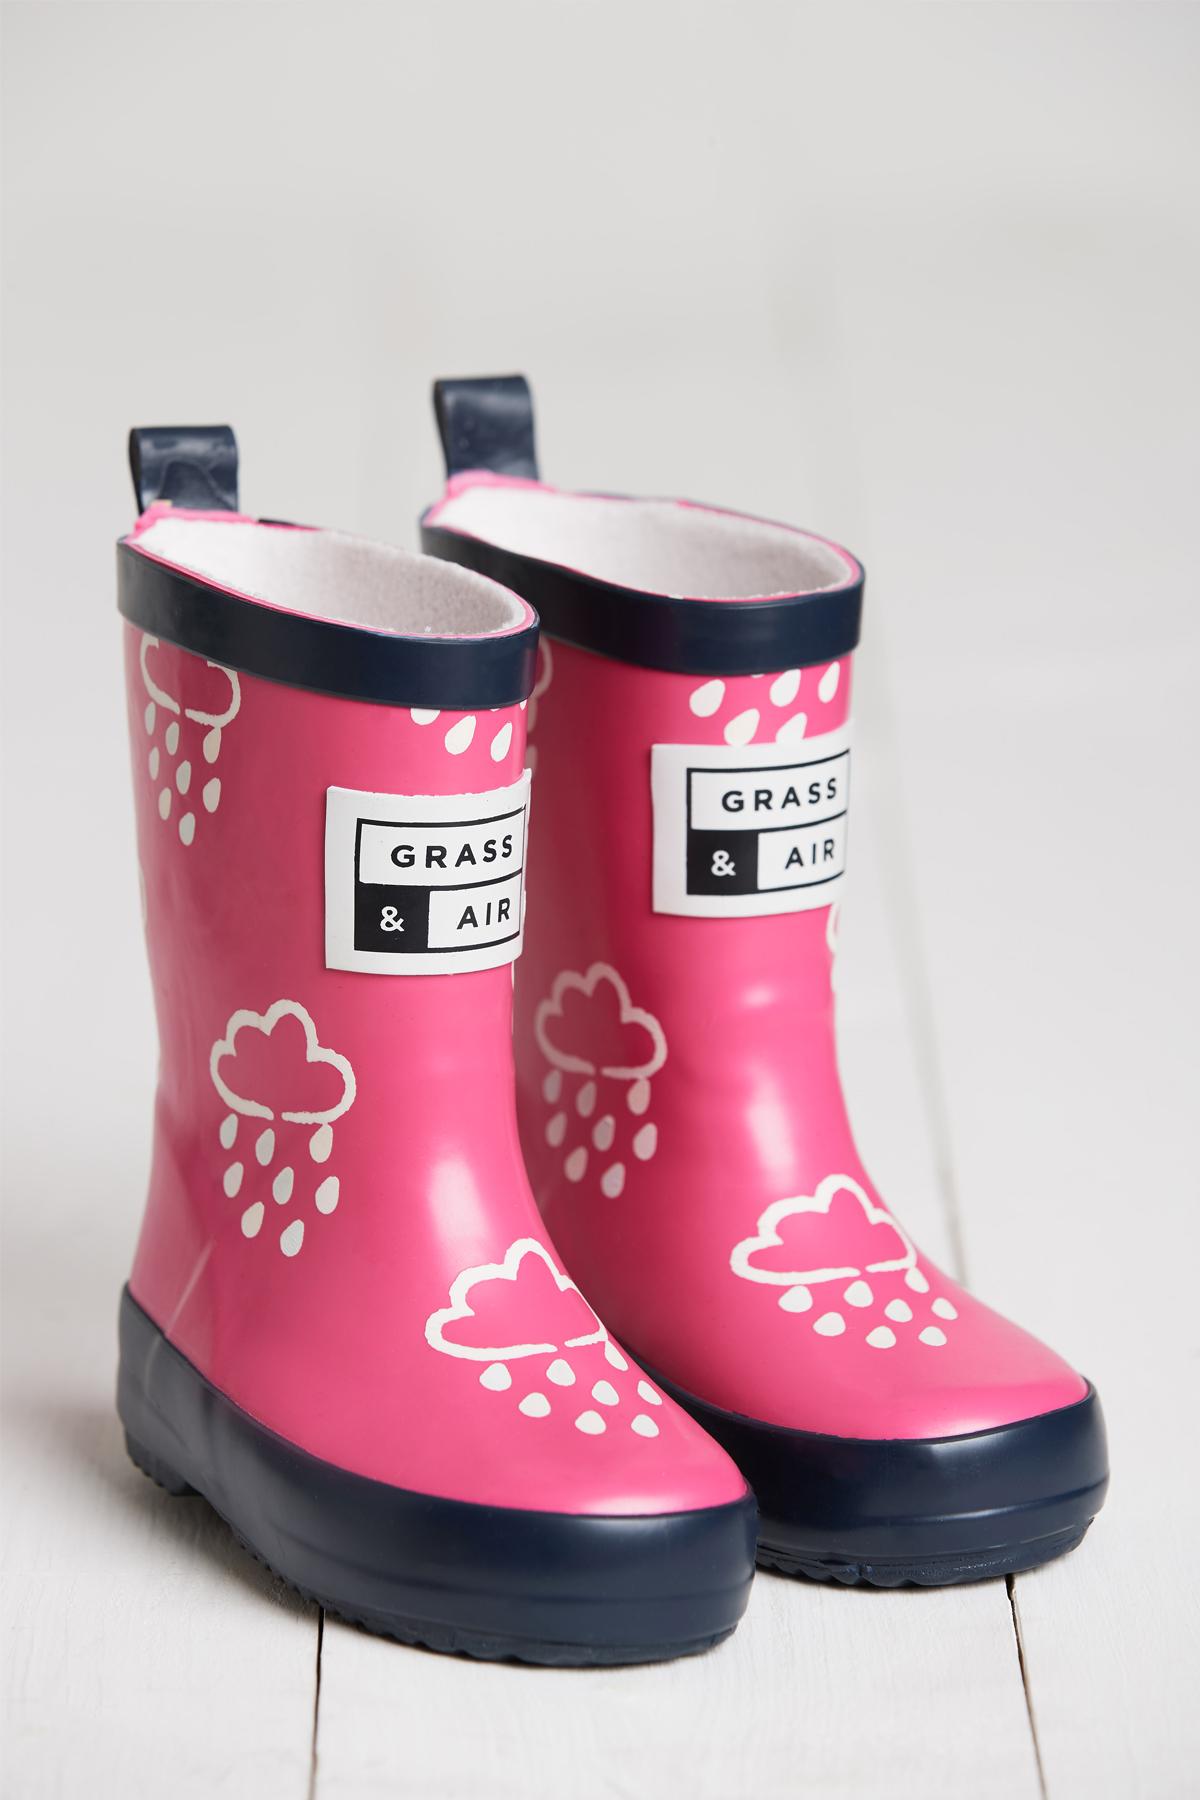 ac12cd9ed Little Kids Pink Wellies | Kids Wellies | Grass & Air